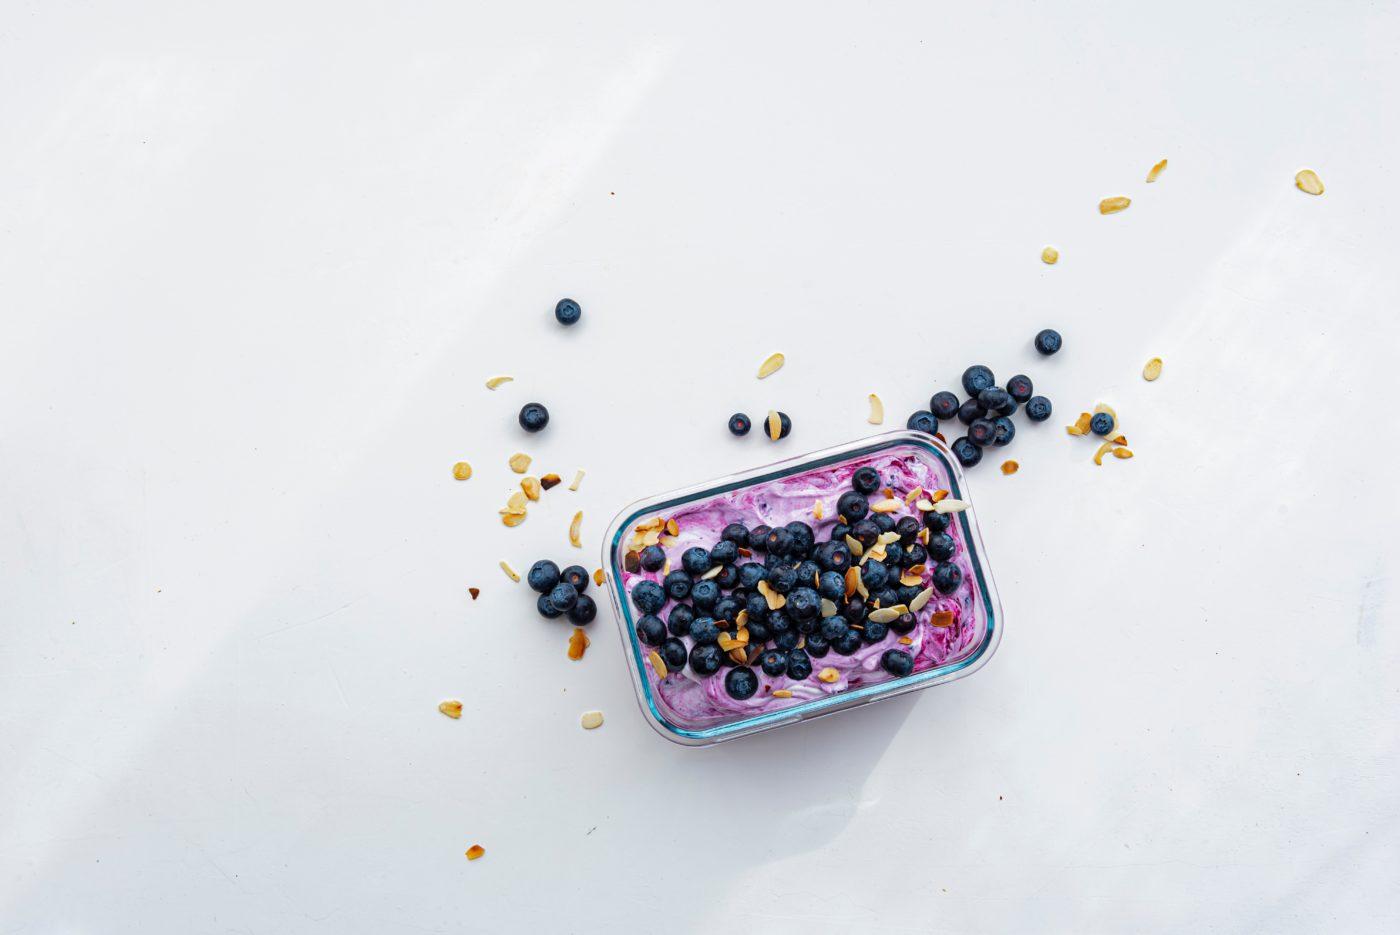 Recette healthy Uberti - Clafoutis aux myrtilles